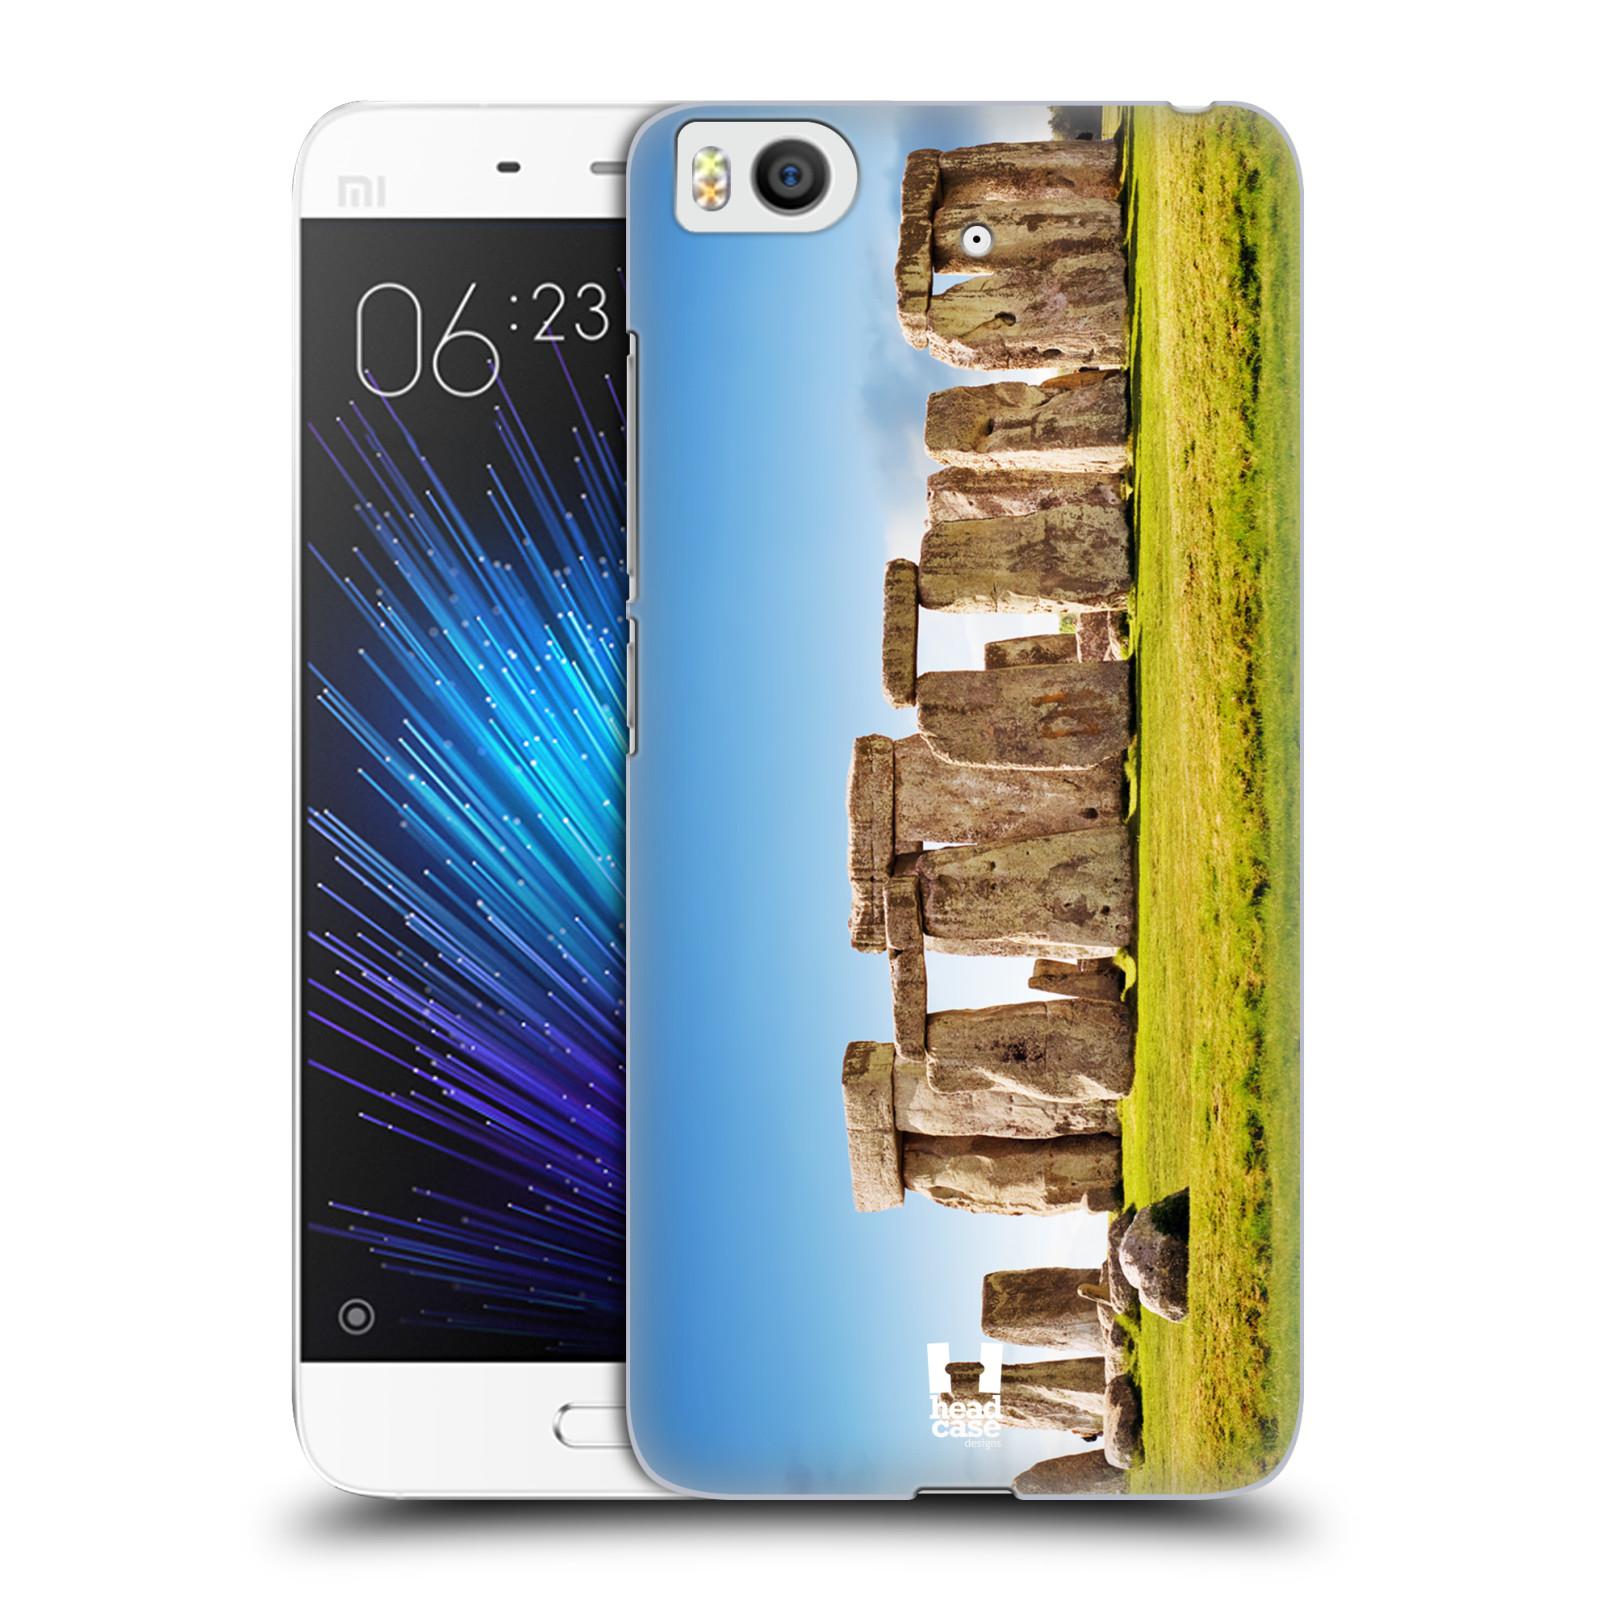 Funda HEAD CASE DESIGNS famosos monumentos Funda Rígida Posterior Para Xiaomi Mi 5s